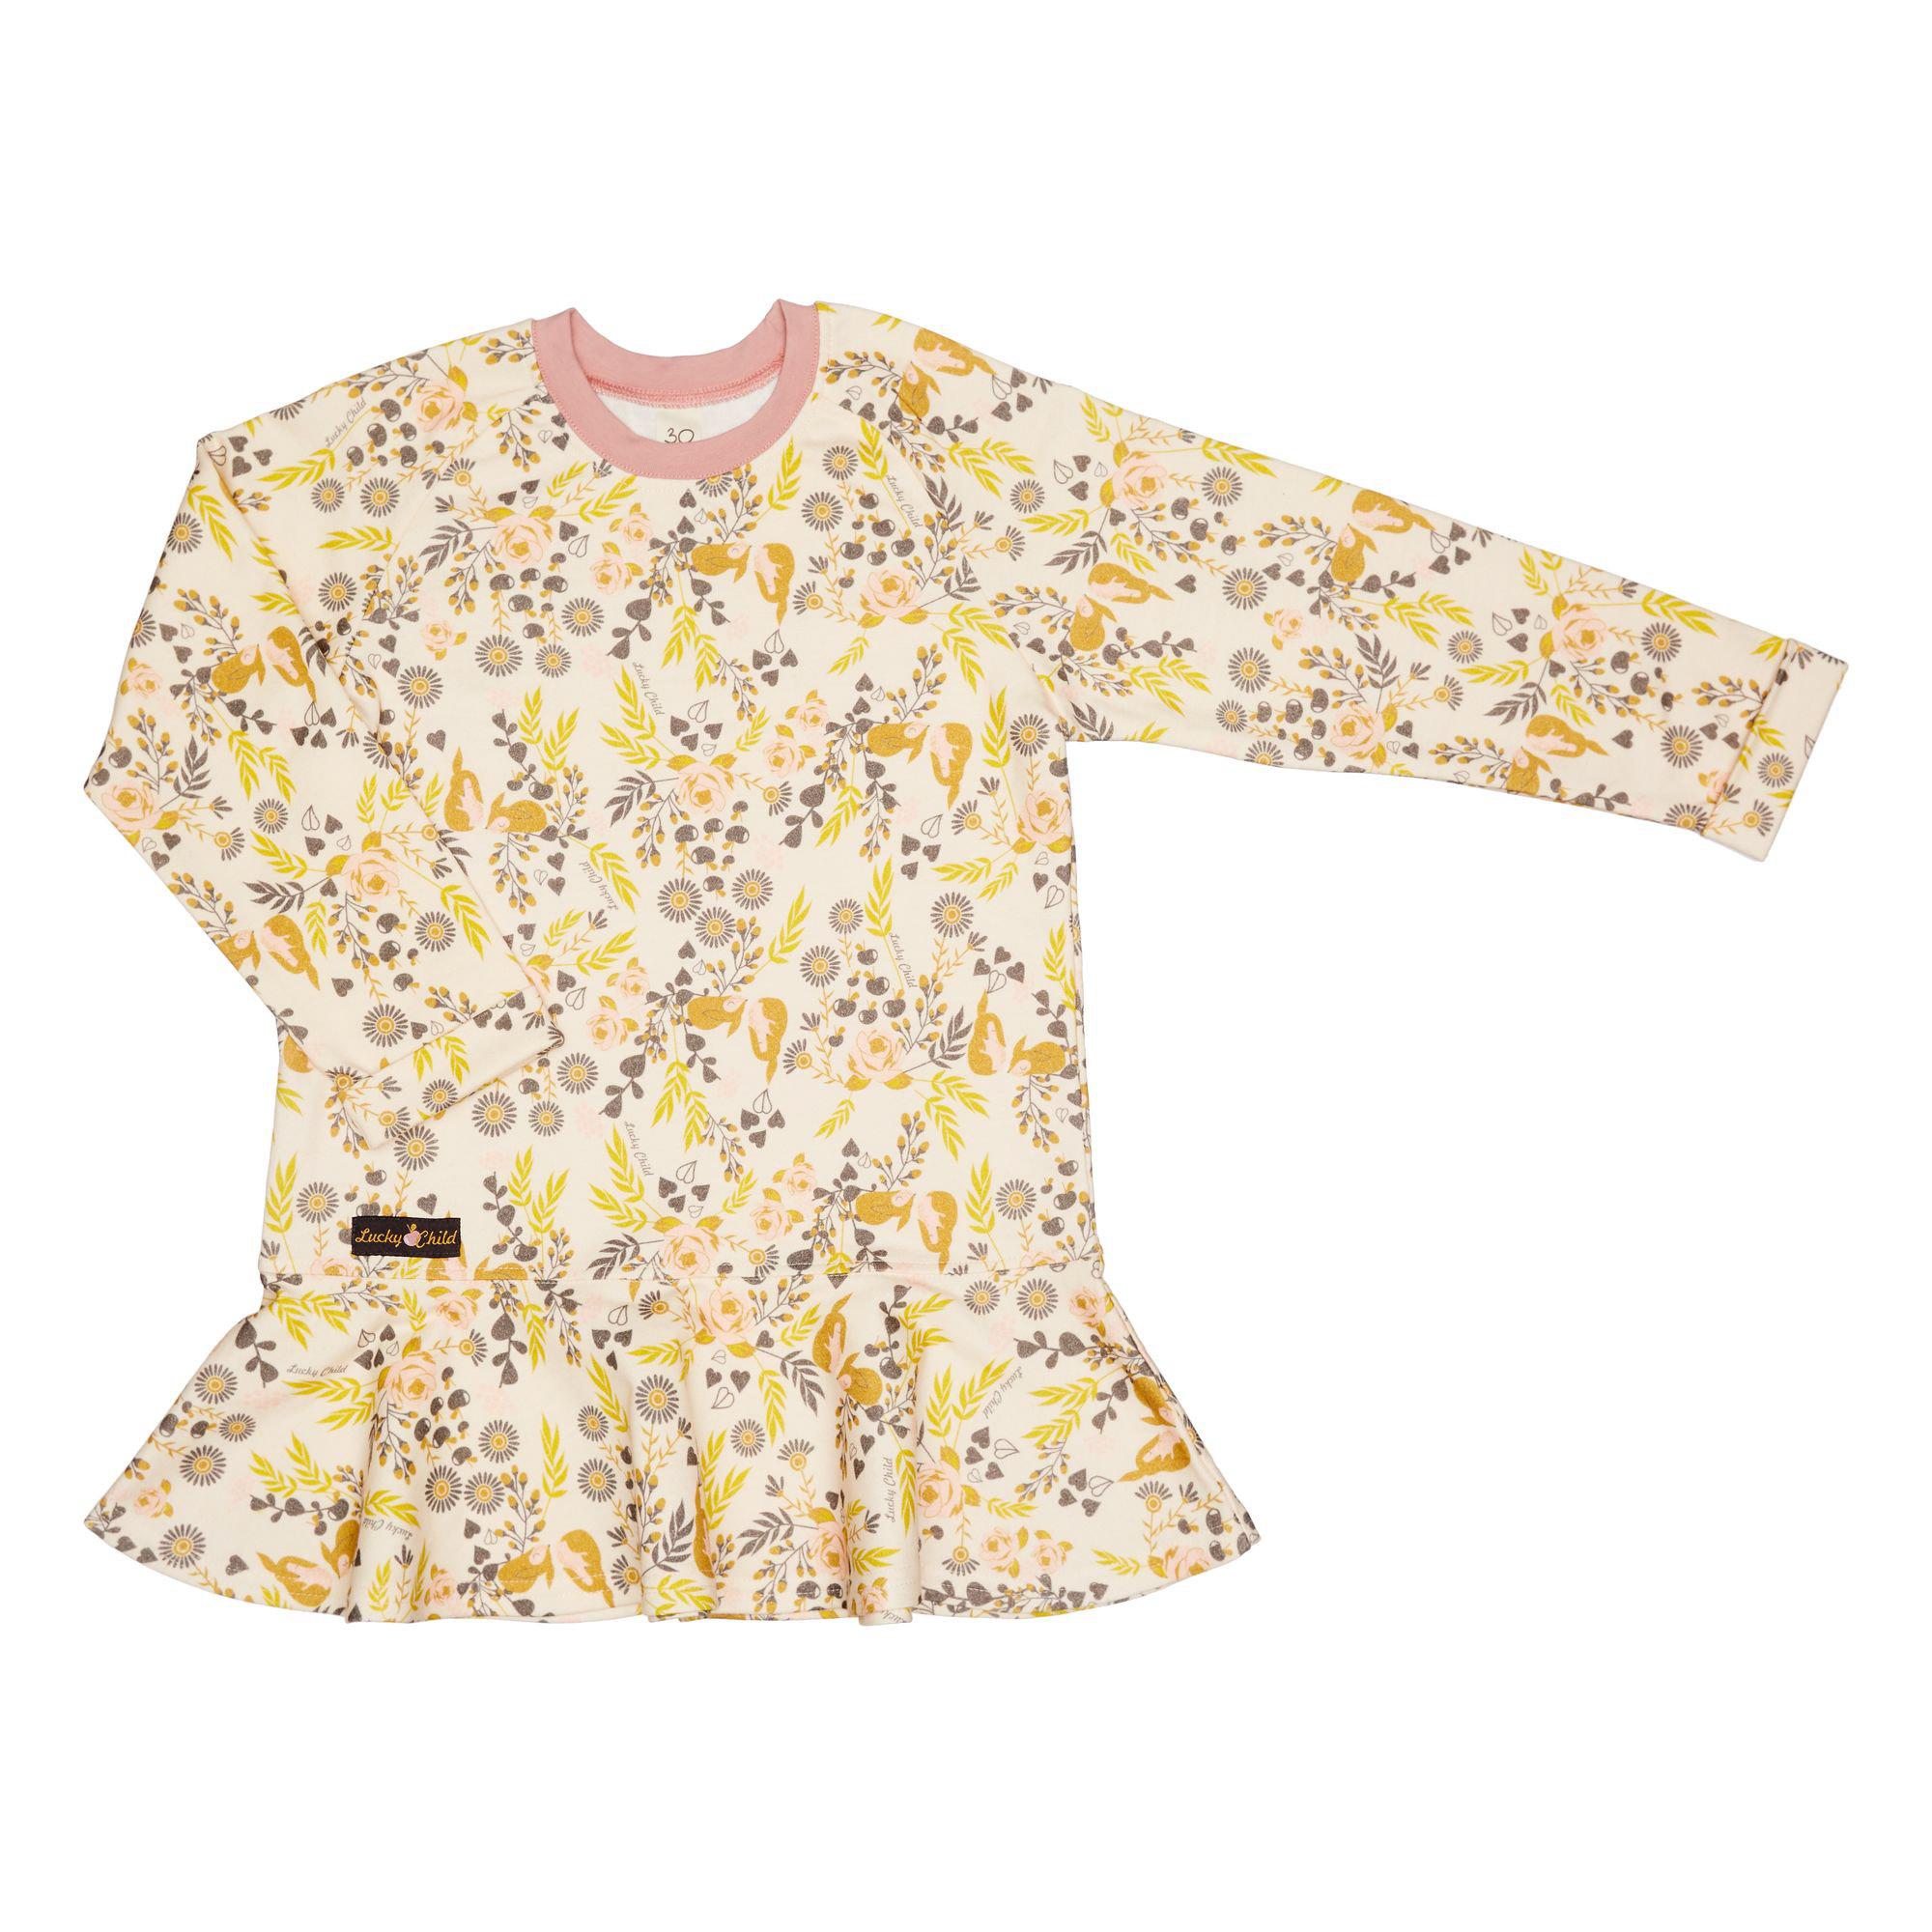 Купить Платье Lucky Child Осенний лес футер цветное 122-128, Разноцветный, Футер, Для девочек, Осень-Зима,